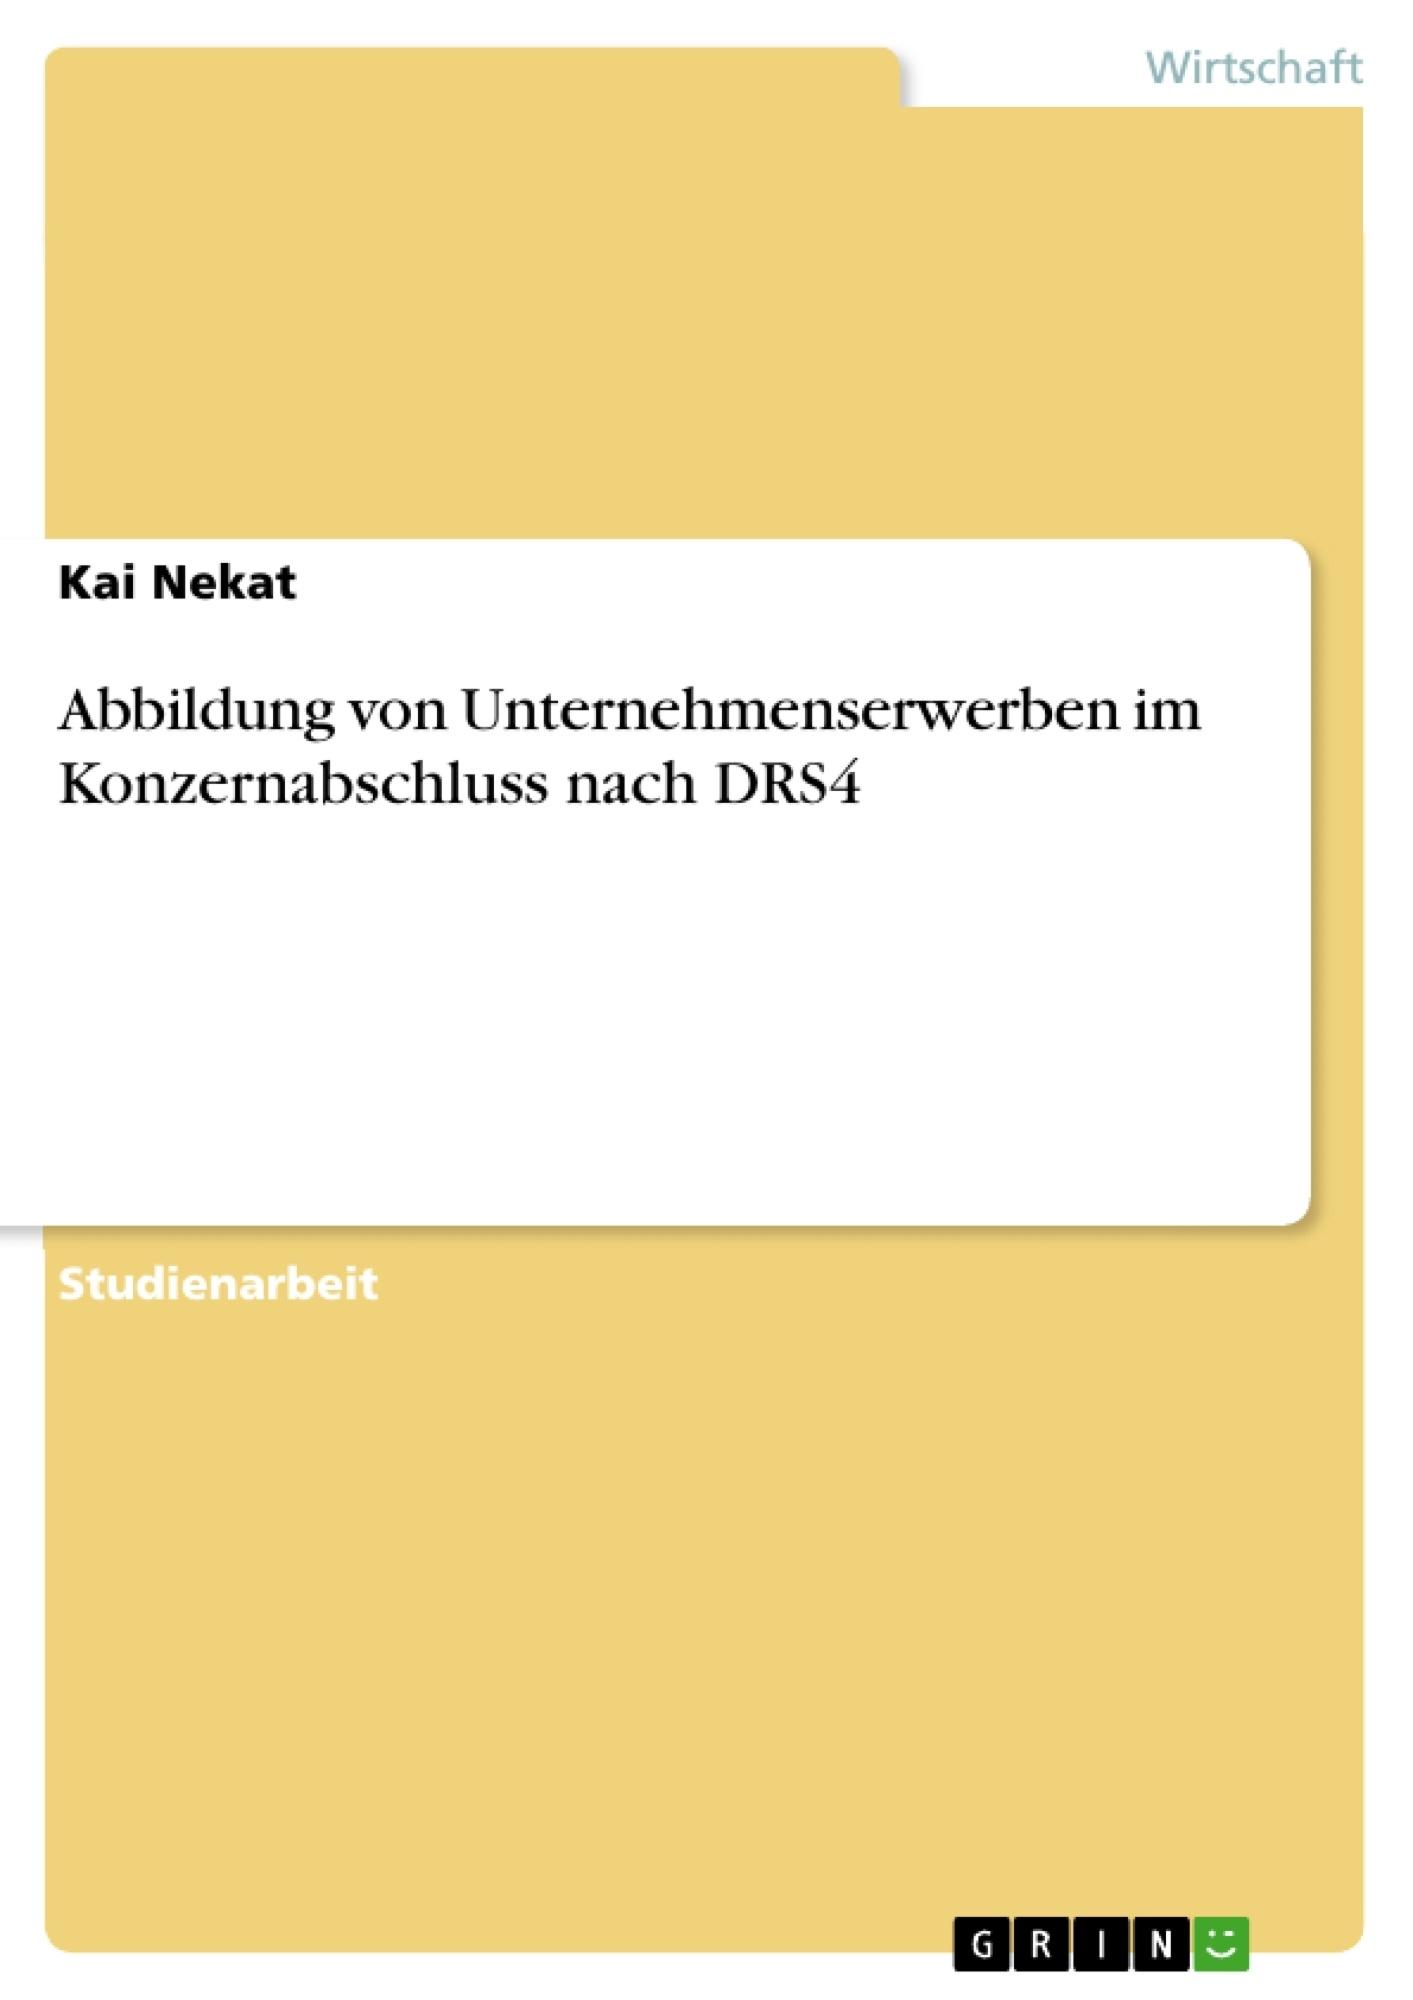 Titel: Abbildung von Unternehmenserwerben im Konzernabschluss nach DRS4